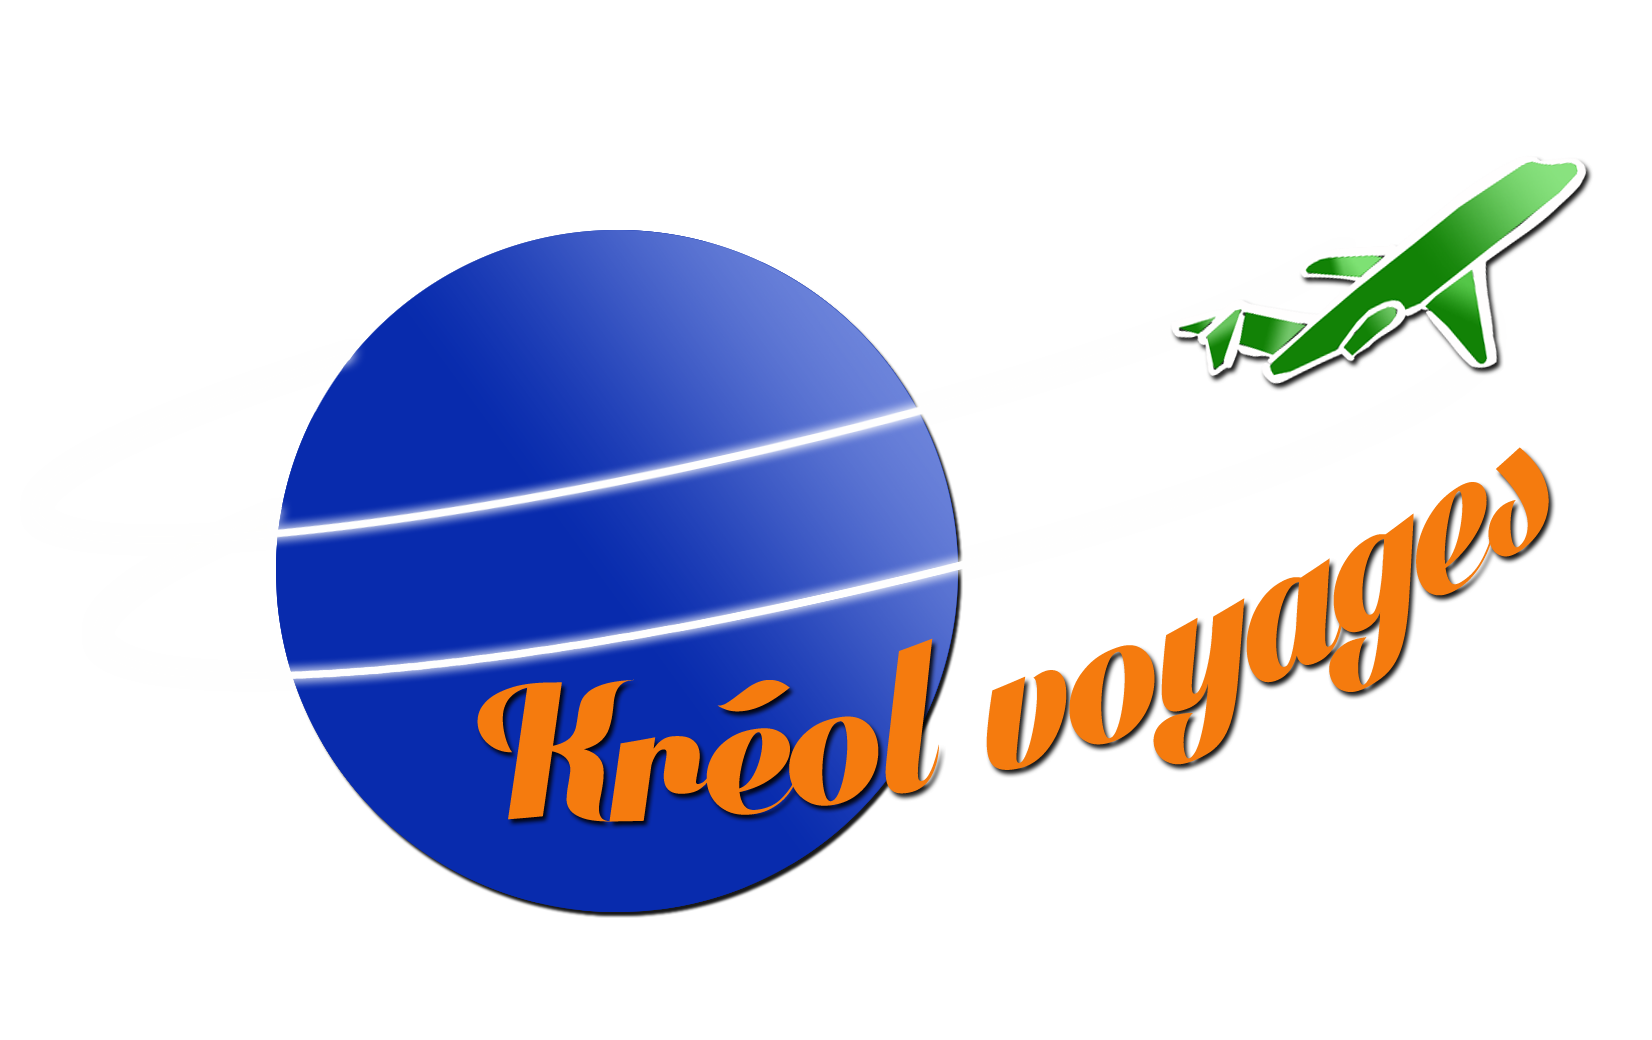 KREOL VOYAGES